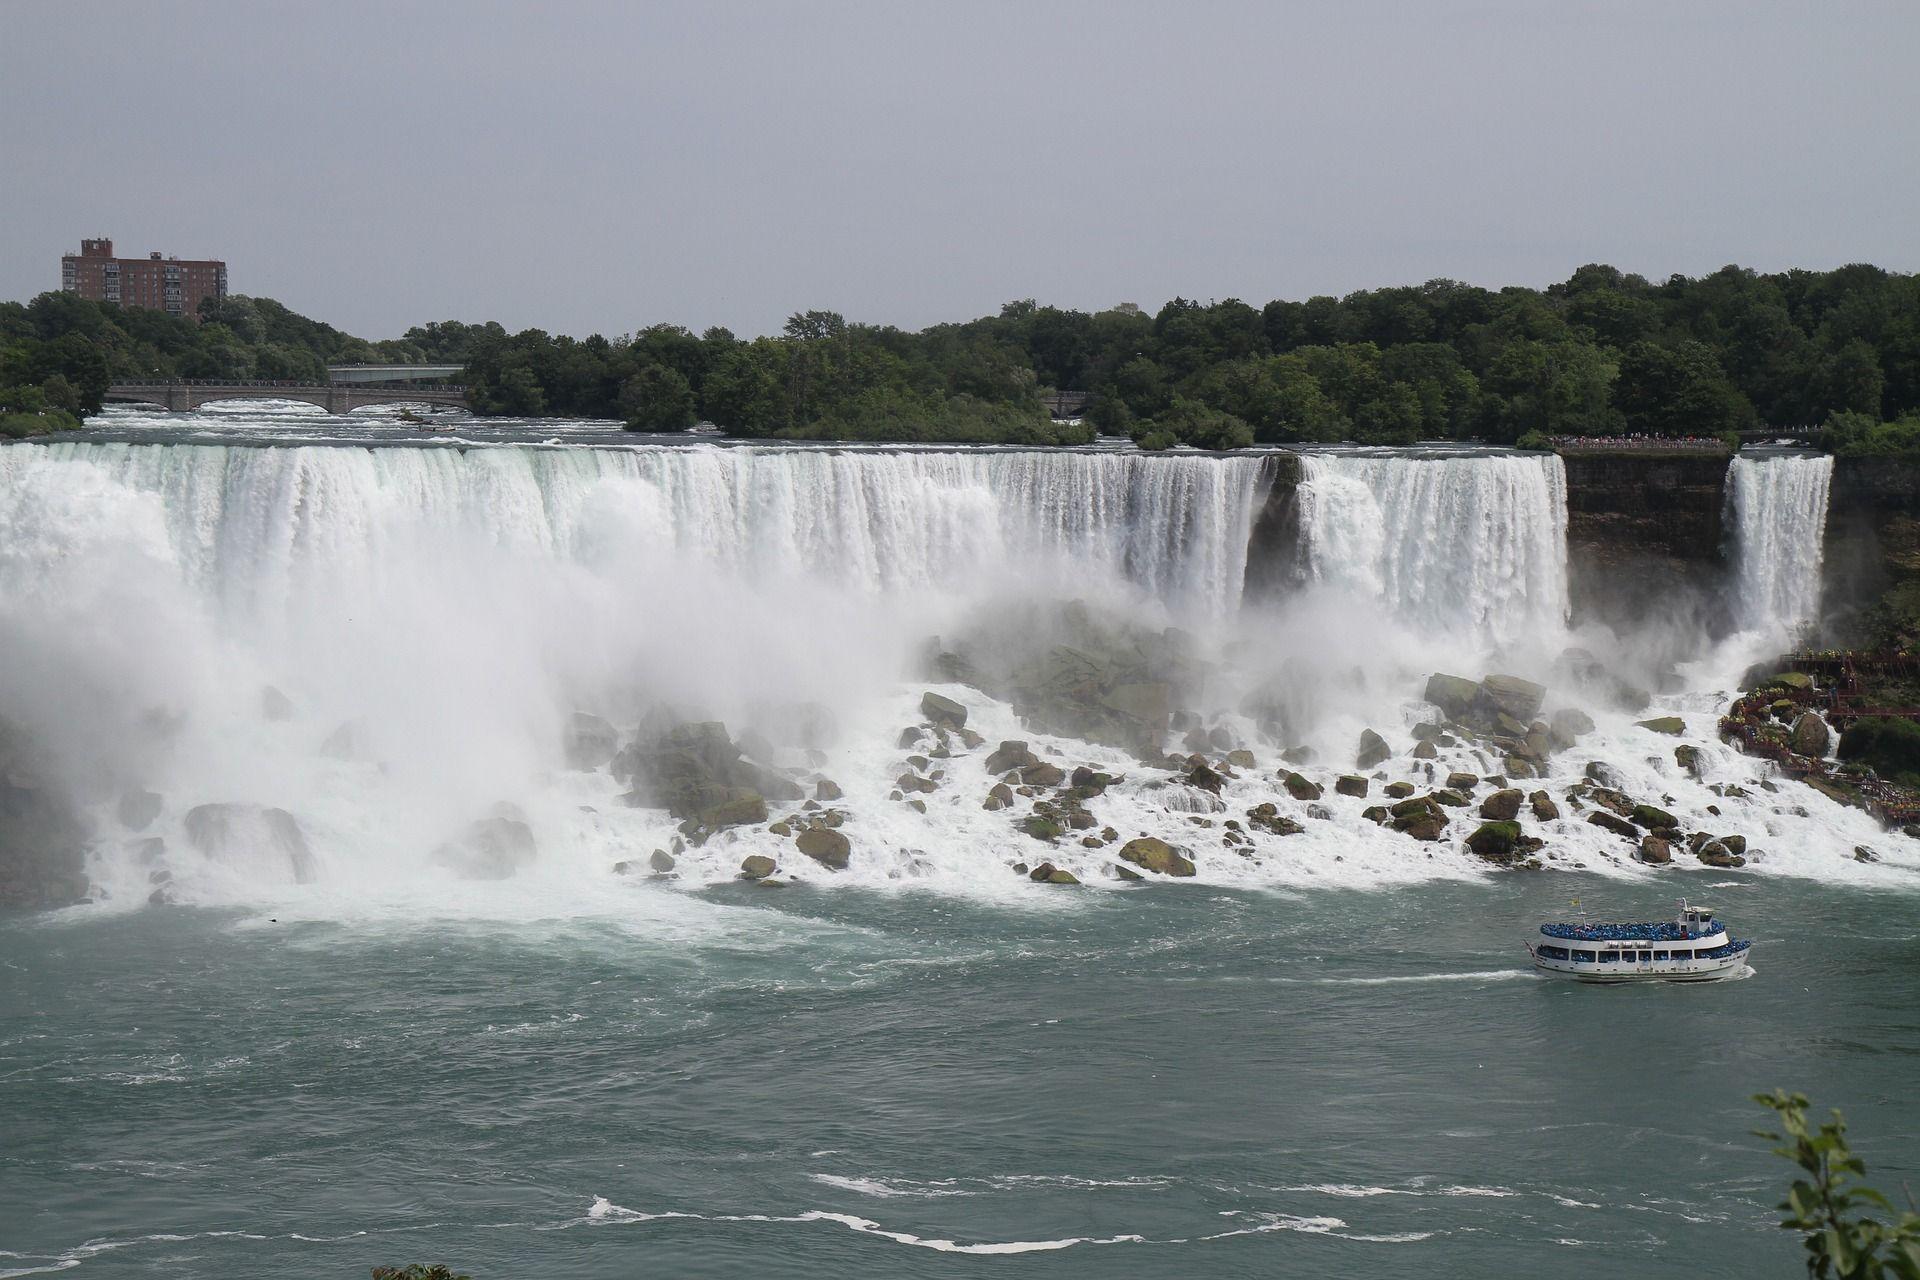 Take a 360° Virtual Tour of Niagara Falls